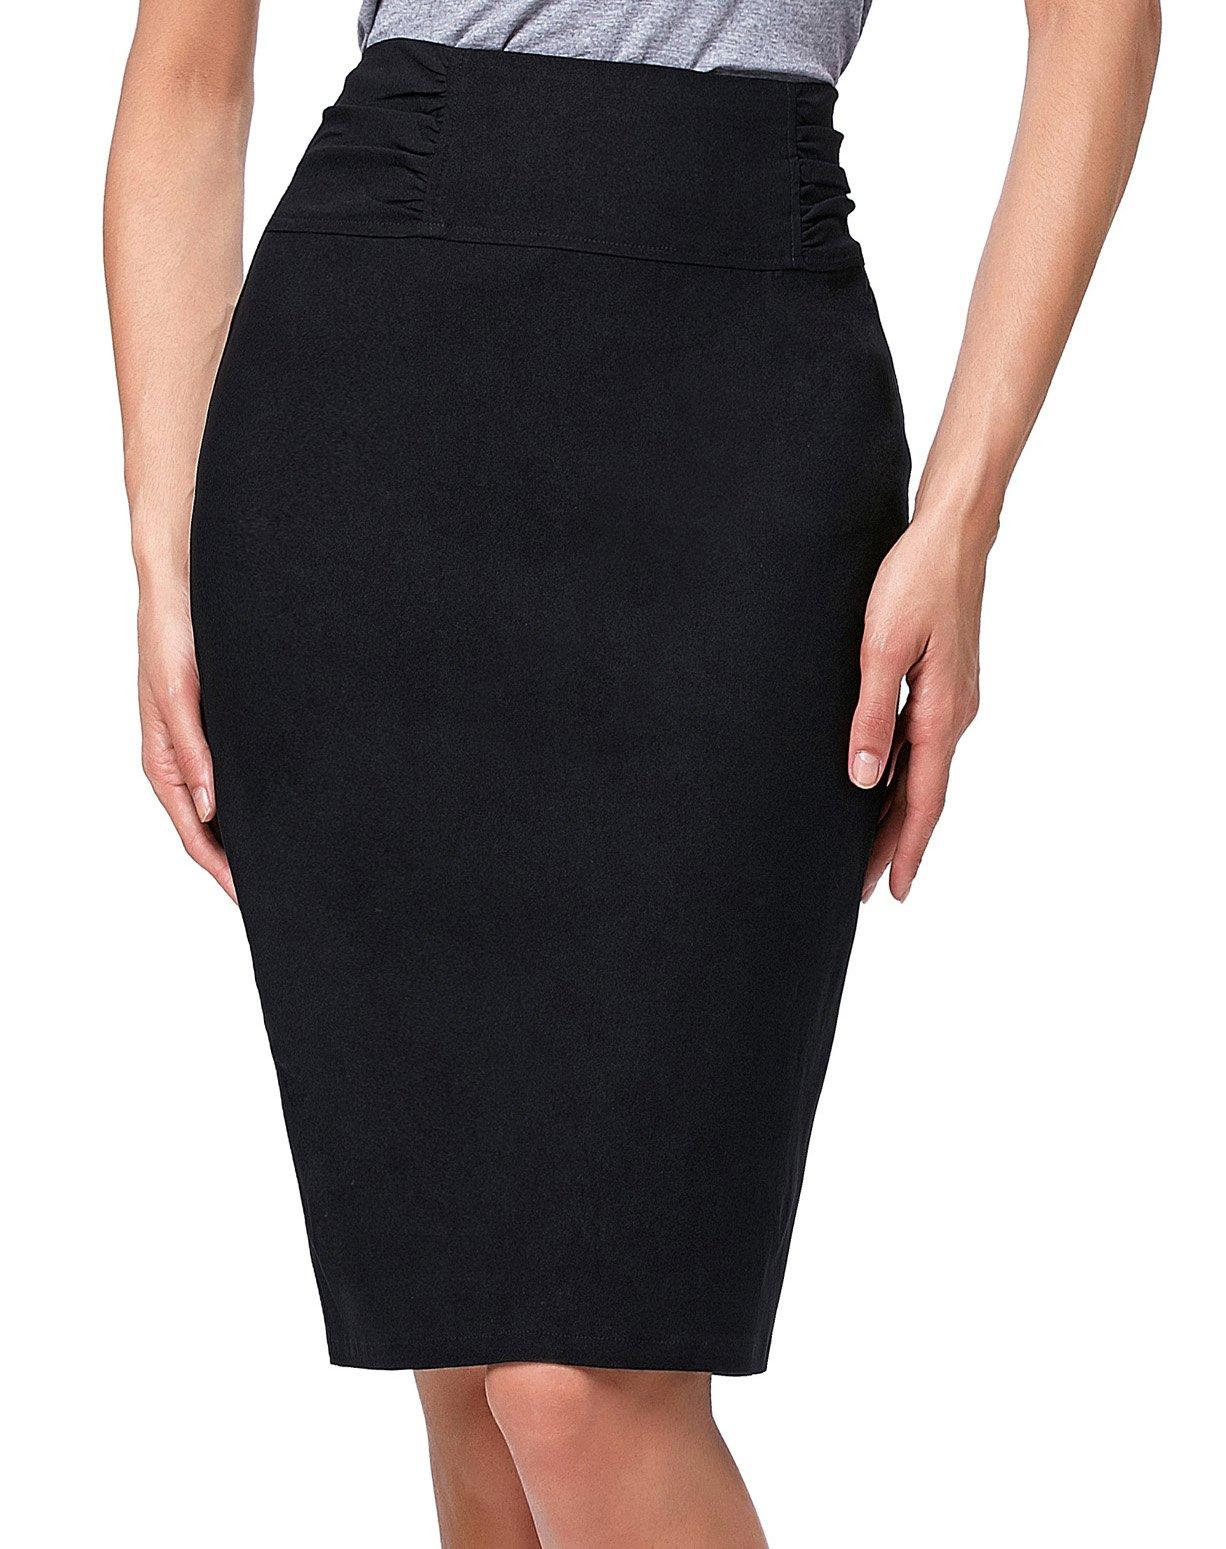 Kate KasinKnee Length High Waist Women Pencil Skirt,Kk268-black,Medium